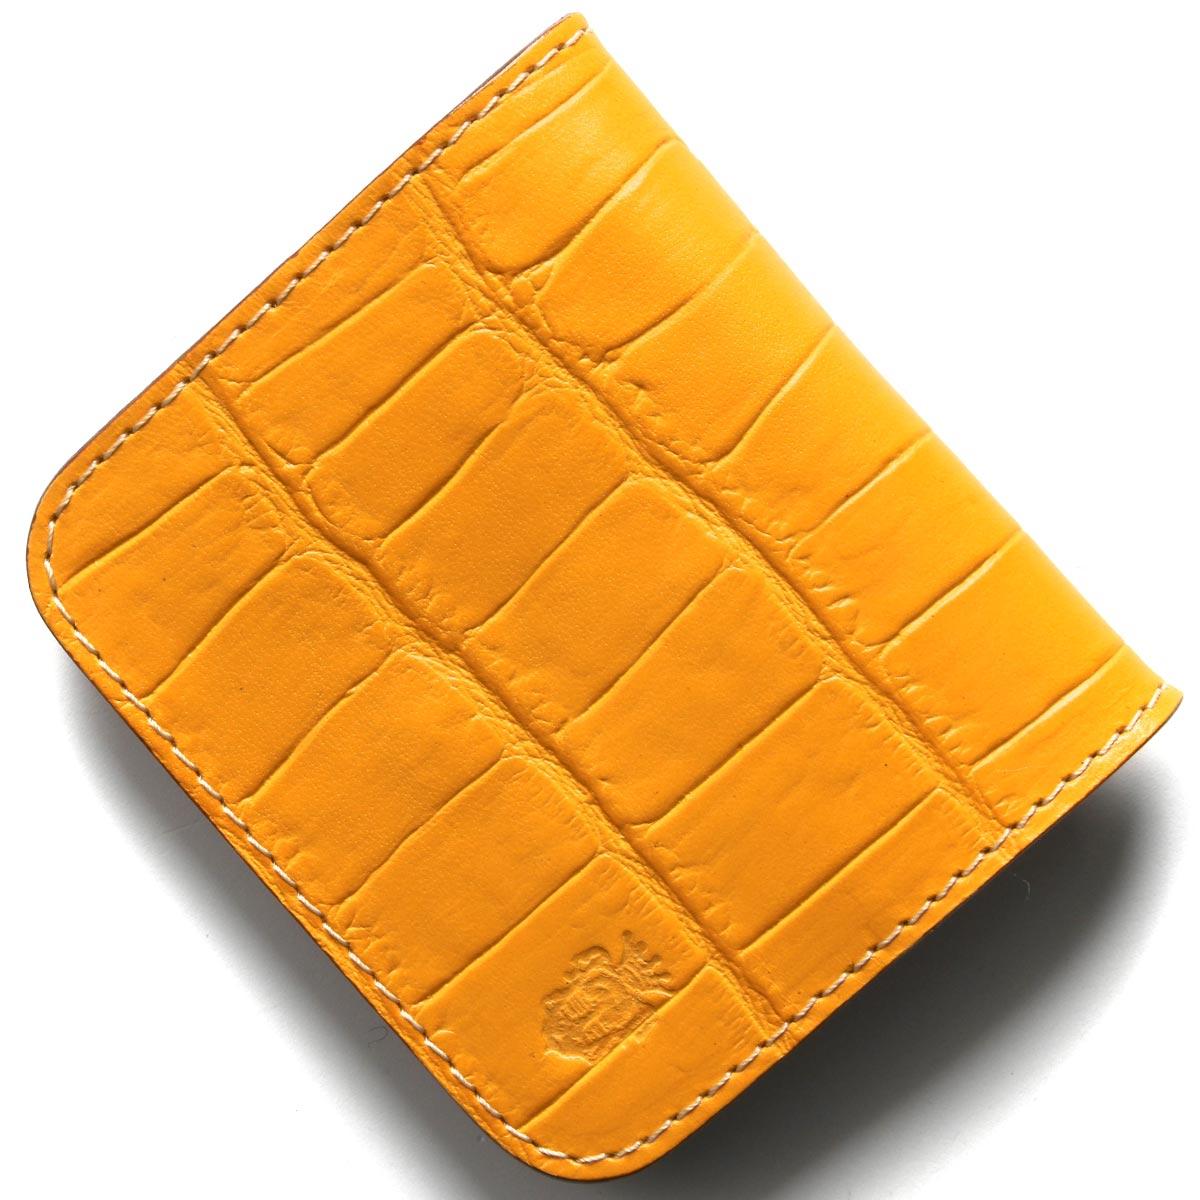 フェリージ コインケース【小銭入れ】 財布 メンズ クロコ型押し マンゴオレンジ 914 SA 0015 FELISI